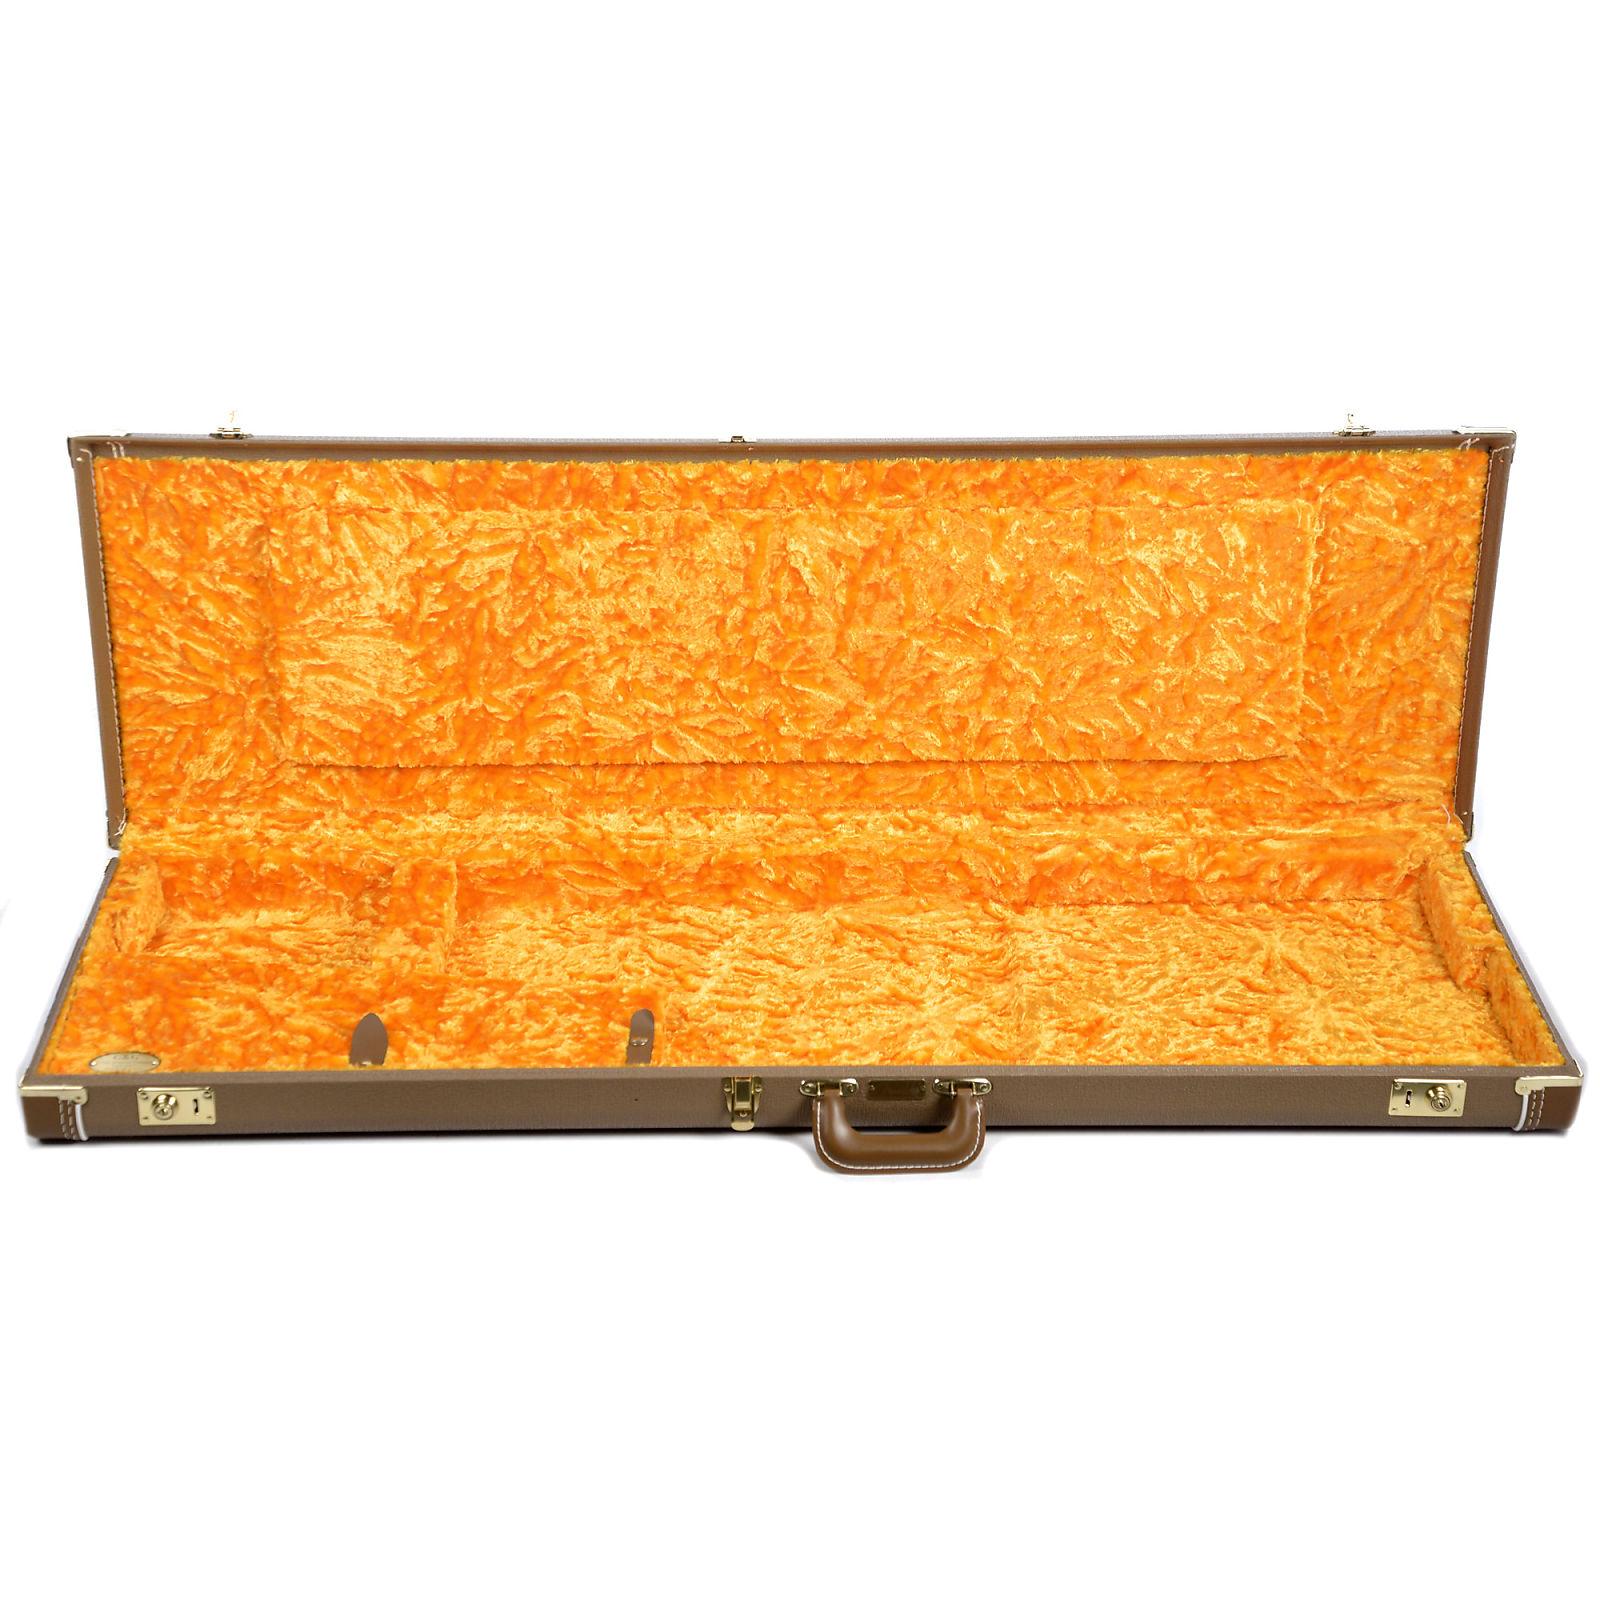 81177b0d46 Fender G&G Jazz Bass Tan/Orange Hardshell Case